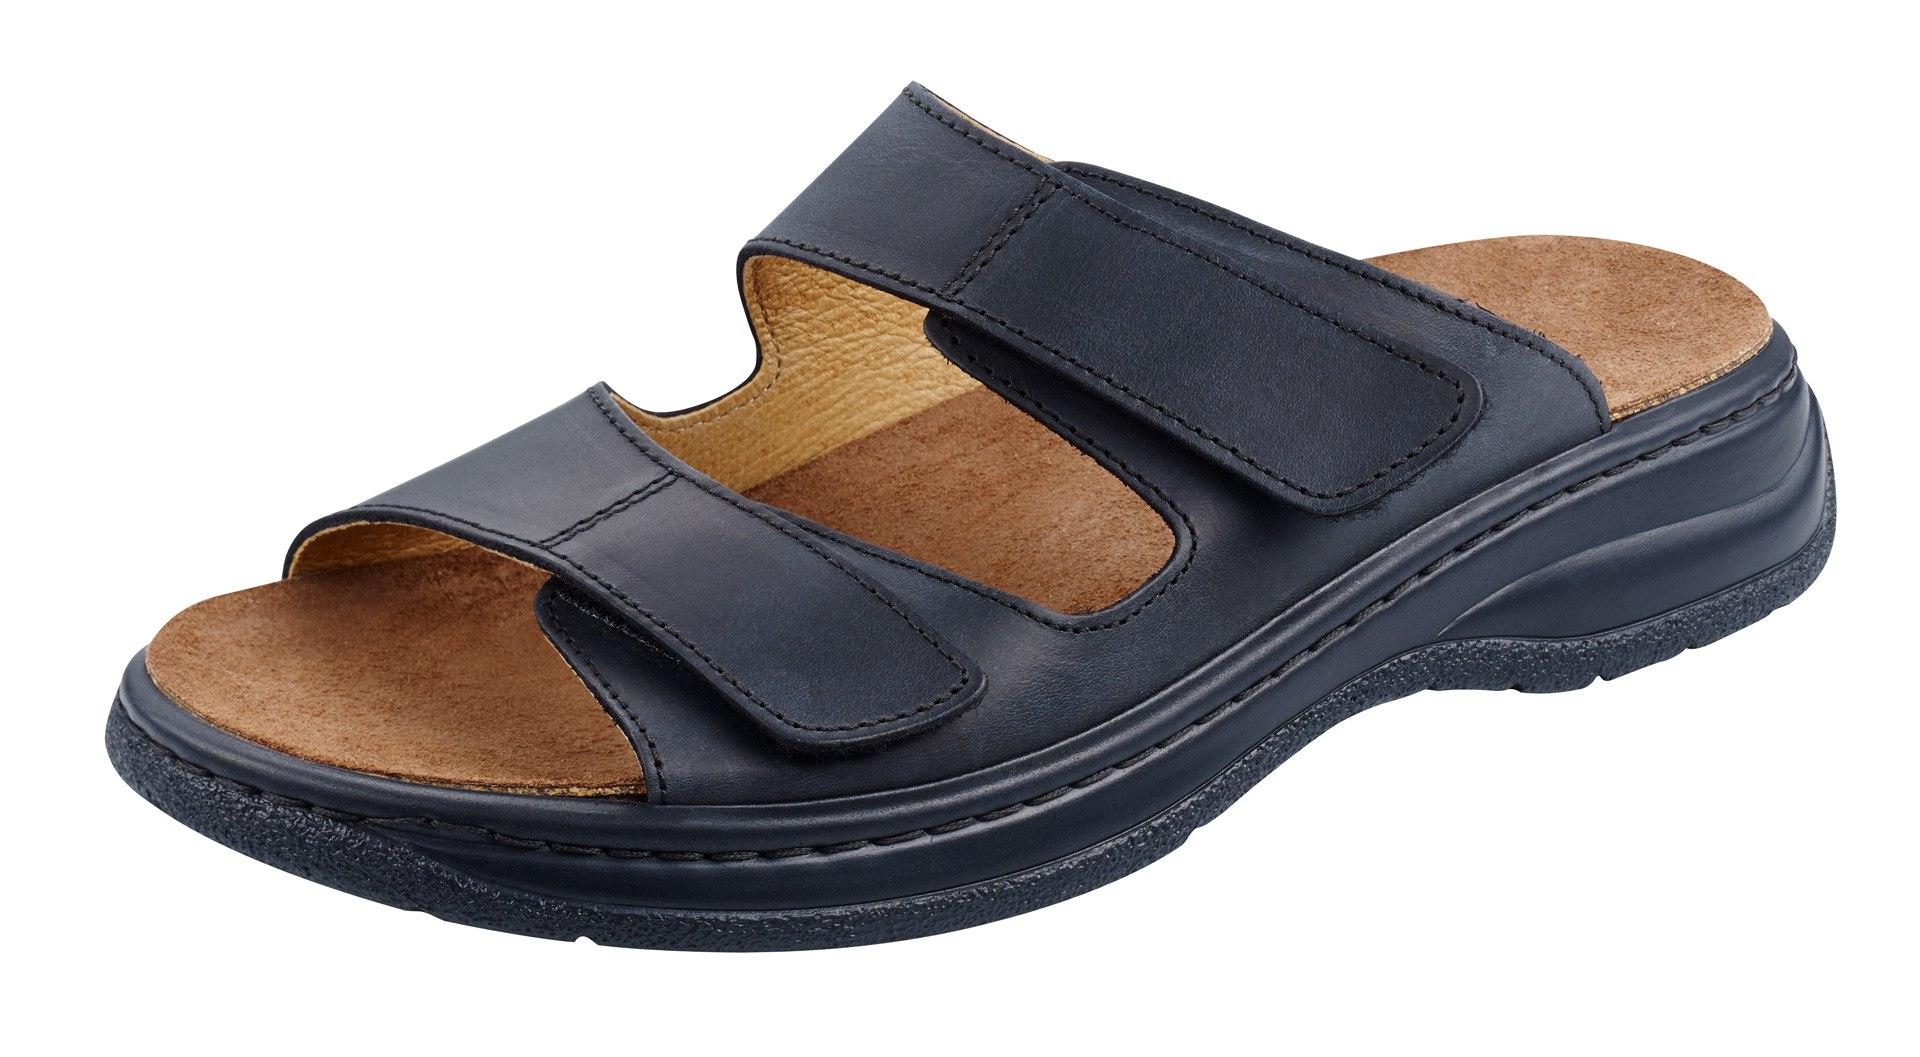 schuhtechnik sandalen Frauen Männer